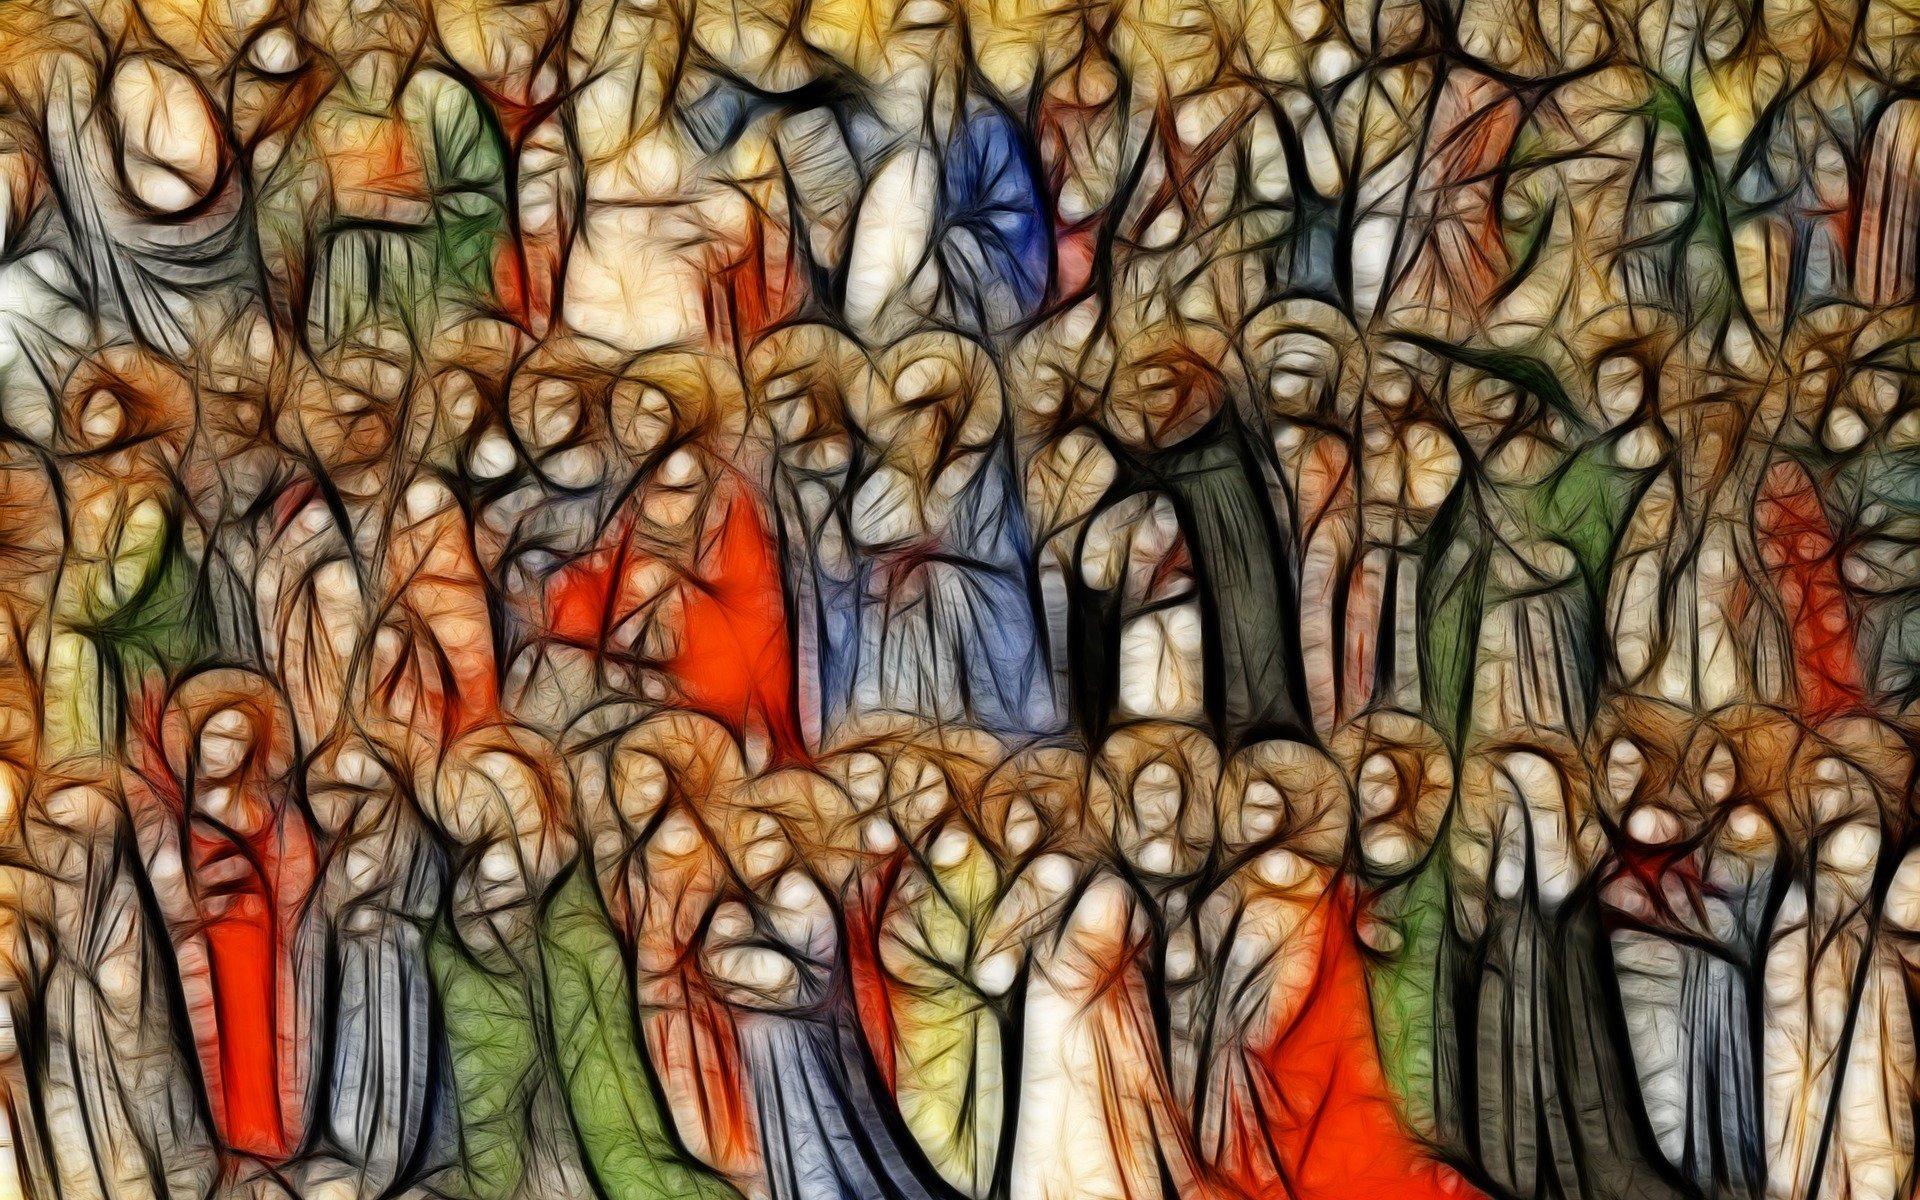 All Saints by Gerd Altmann